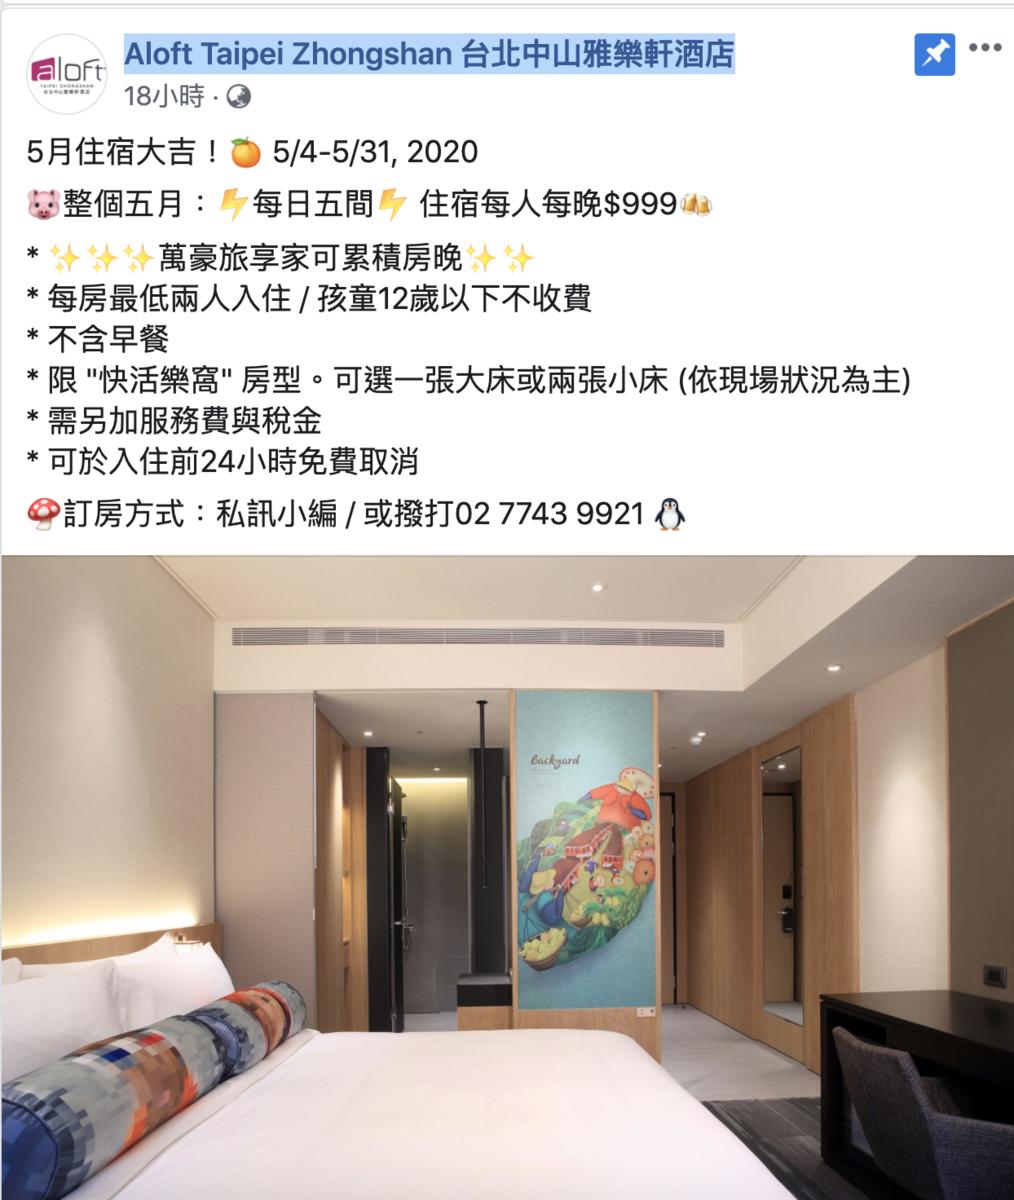 每人每晚999元,Aloft Taipei Zhongshan 台北中山雅樂軒酒店,萬豪可累積住宿點數